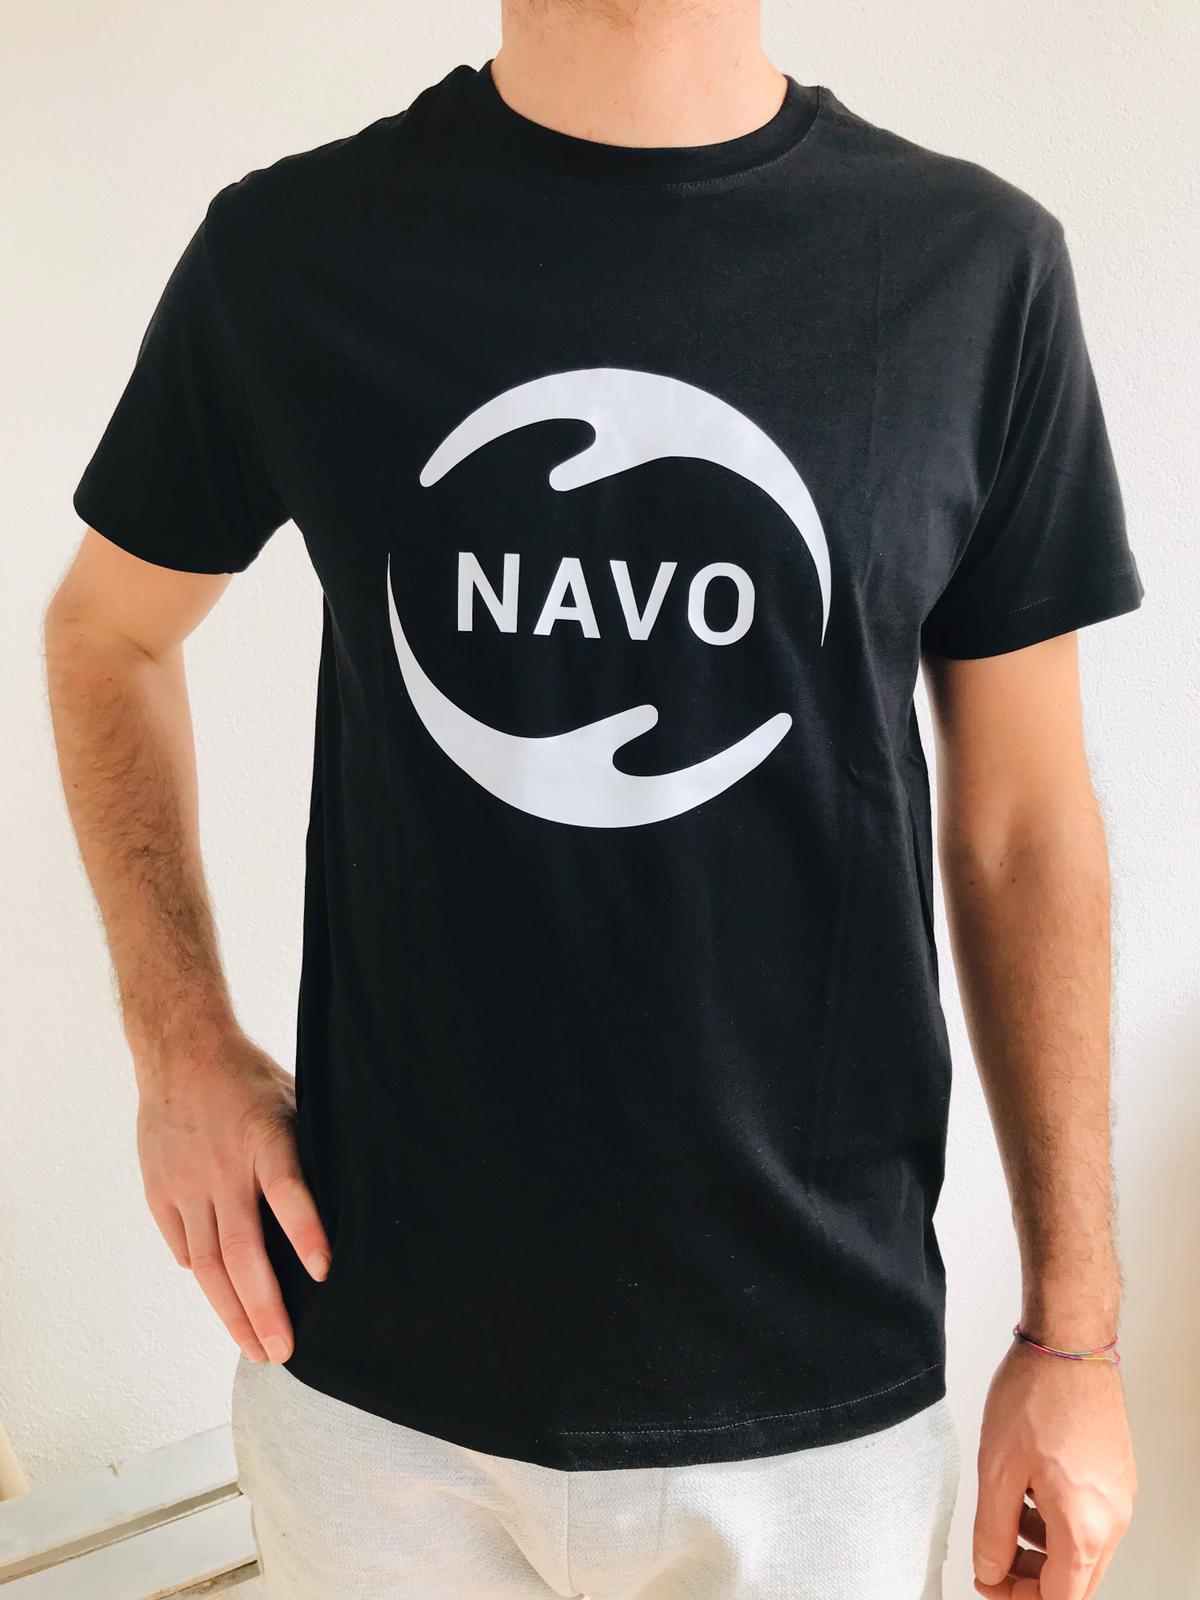 navo-t-shirt1